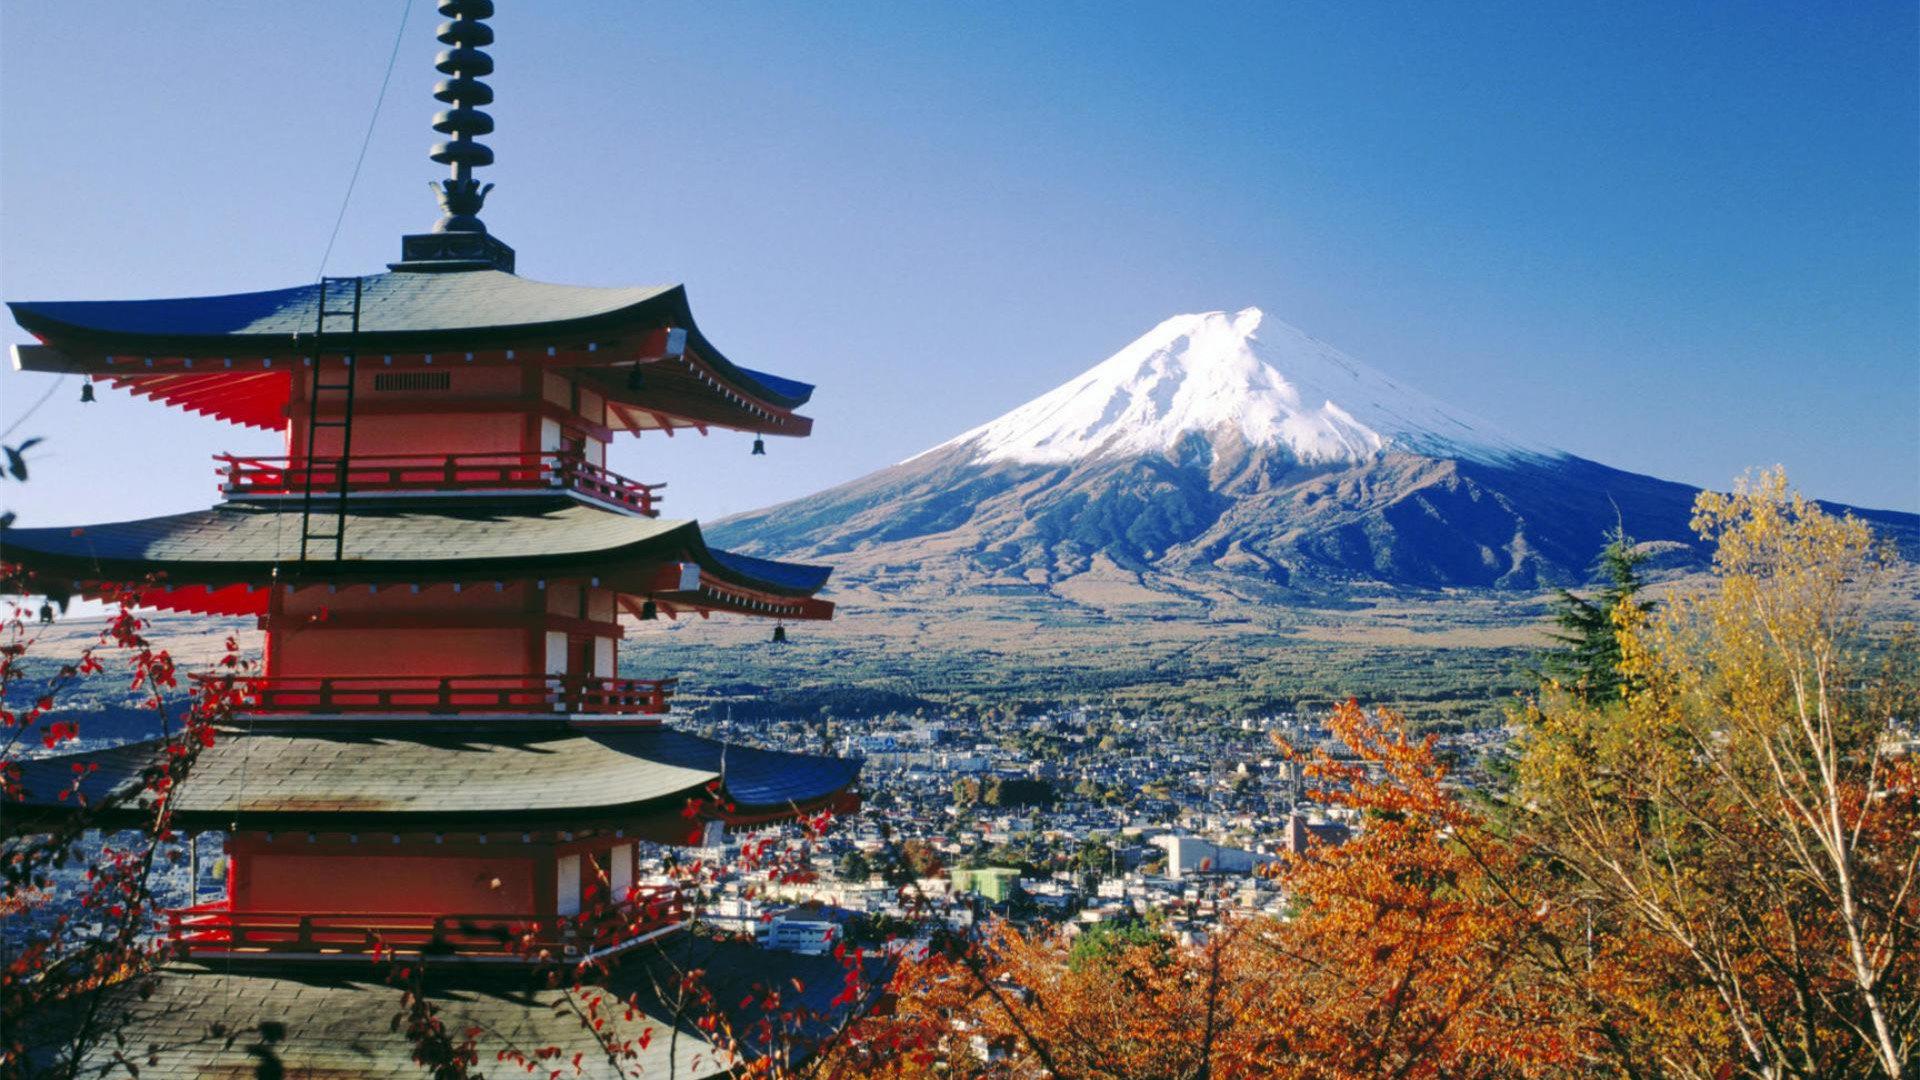 年底送啥不如送健康!7天6晚,玩转日本